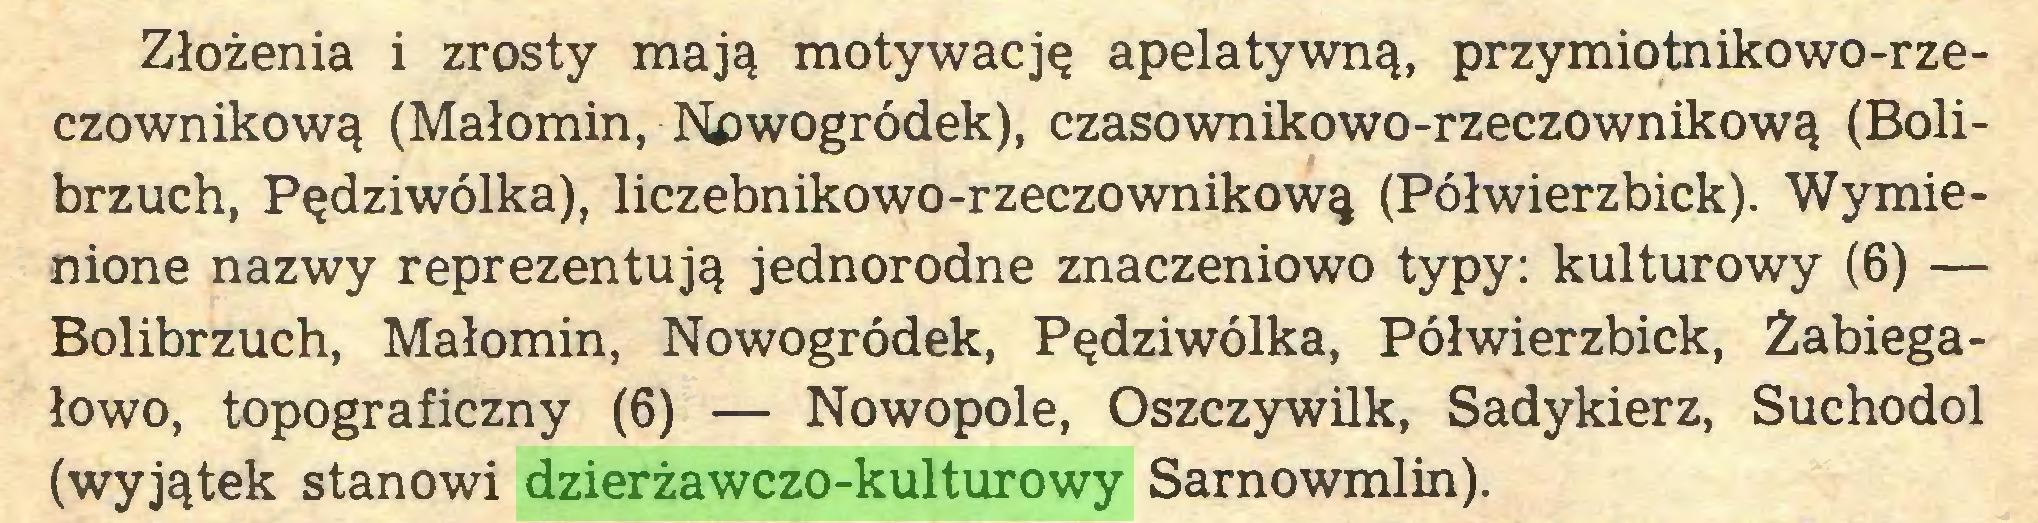 (...) Złożenia i zrosty mają motywację apelatywną, przymiotnikowo-rzeczownikową (Małomin, Nowogródek), czasownikowo-rzeczownikową (Bolibrzuch, Pędziwólka), liczebnikowo-rzeczownikową (Półwierzbick). Wymienione nazwy reprezentują jednorodne znaczeniowo typy: kulturowy (6) — Bolibrzuch, Małomin, Nowogródek, Pędziwólka, Półwierzbick, Żabiegałowo, topograficzny (6) — Nowopole, Oszczywilk, Sadykierz, Suchodol (wyjątek stanowi dzierżawczo-kulturowy Sarnowmlin)...